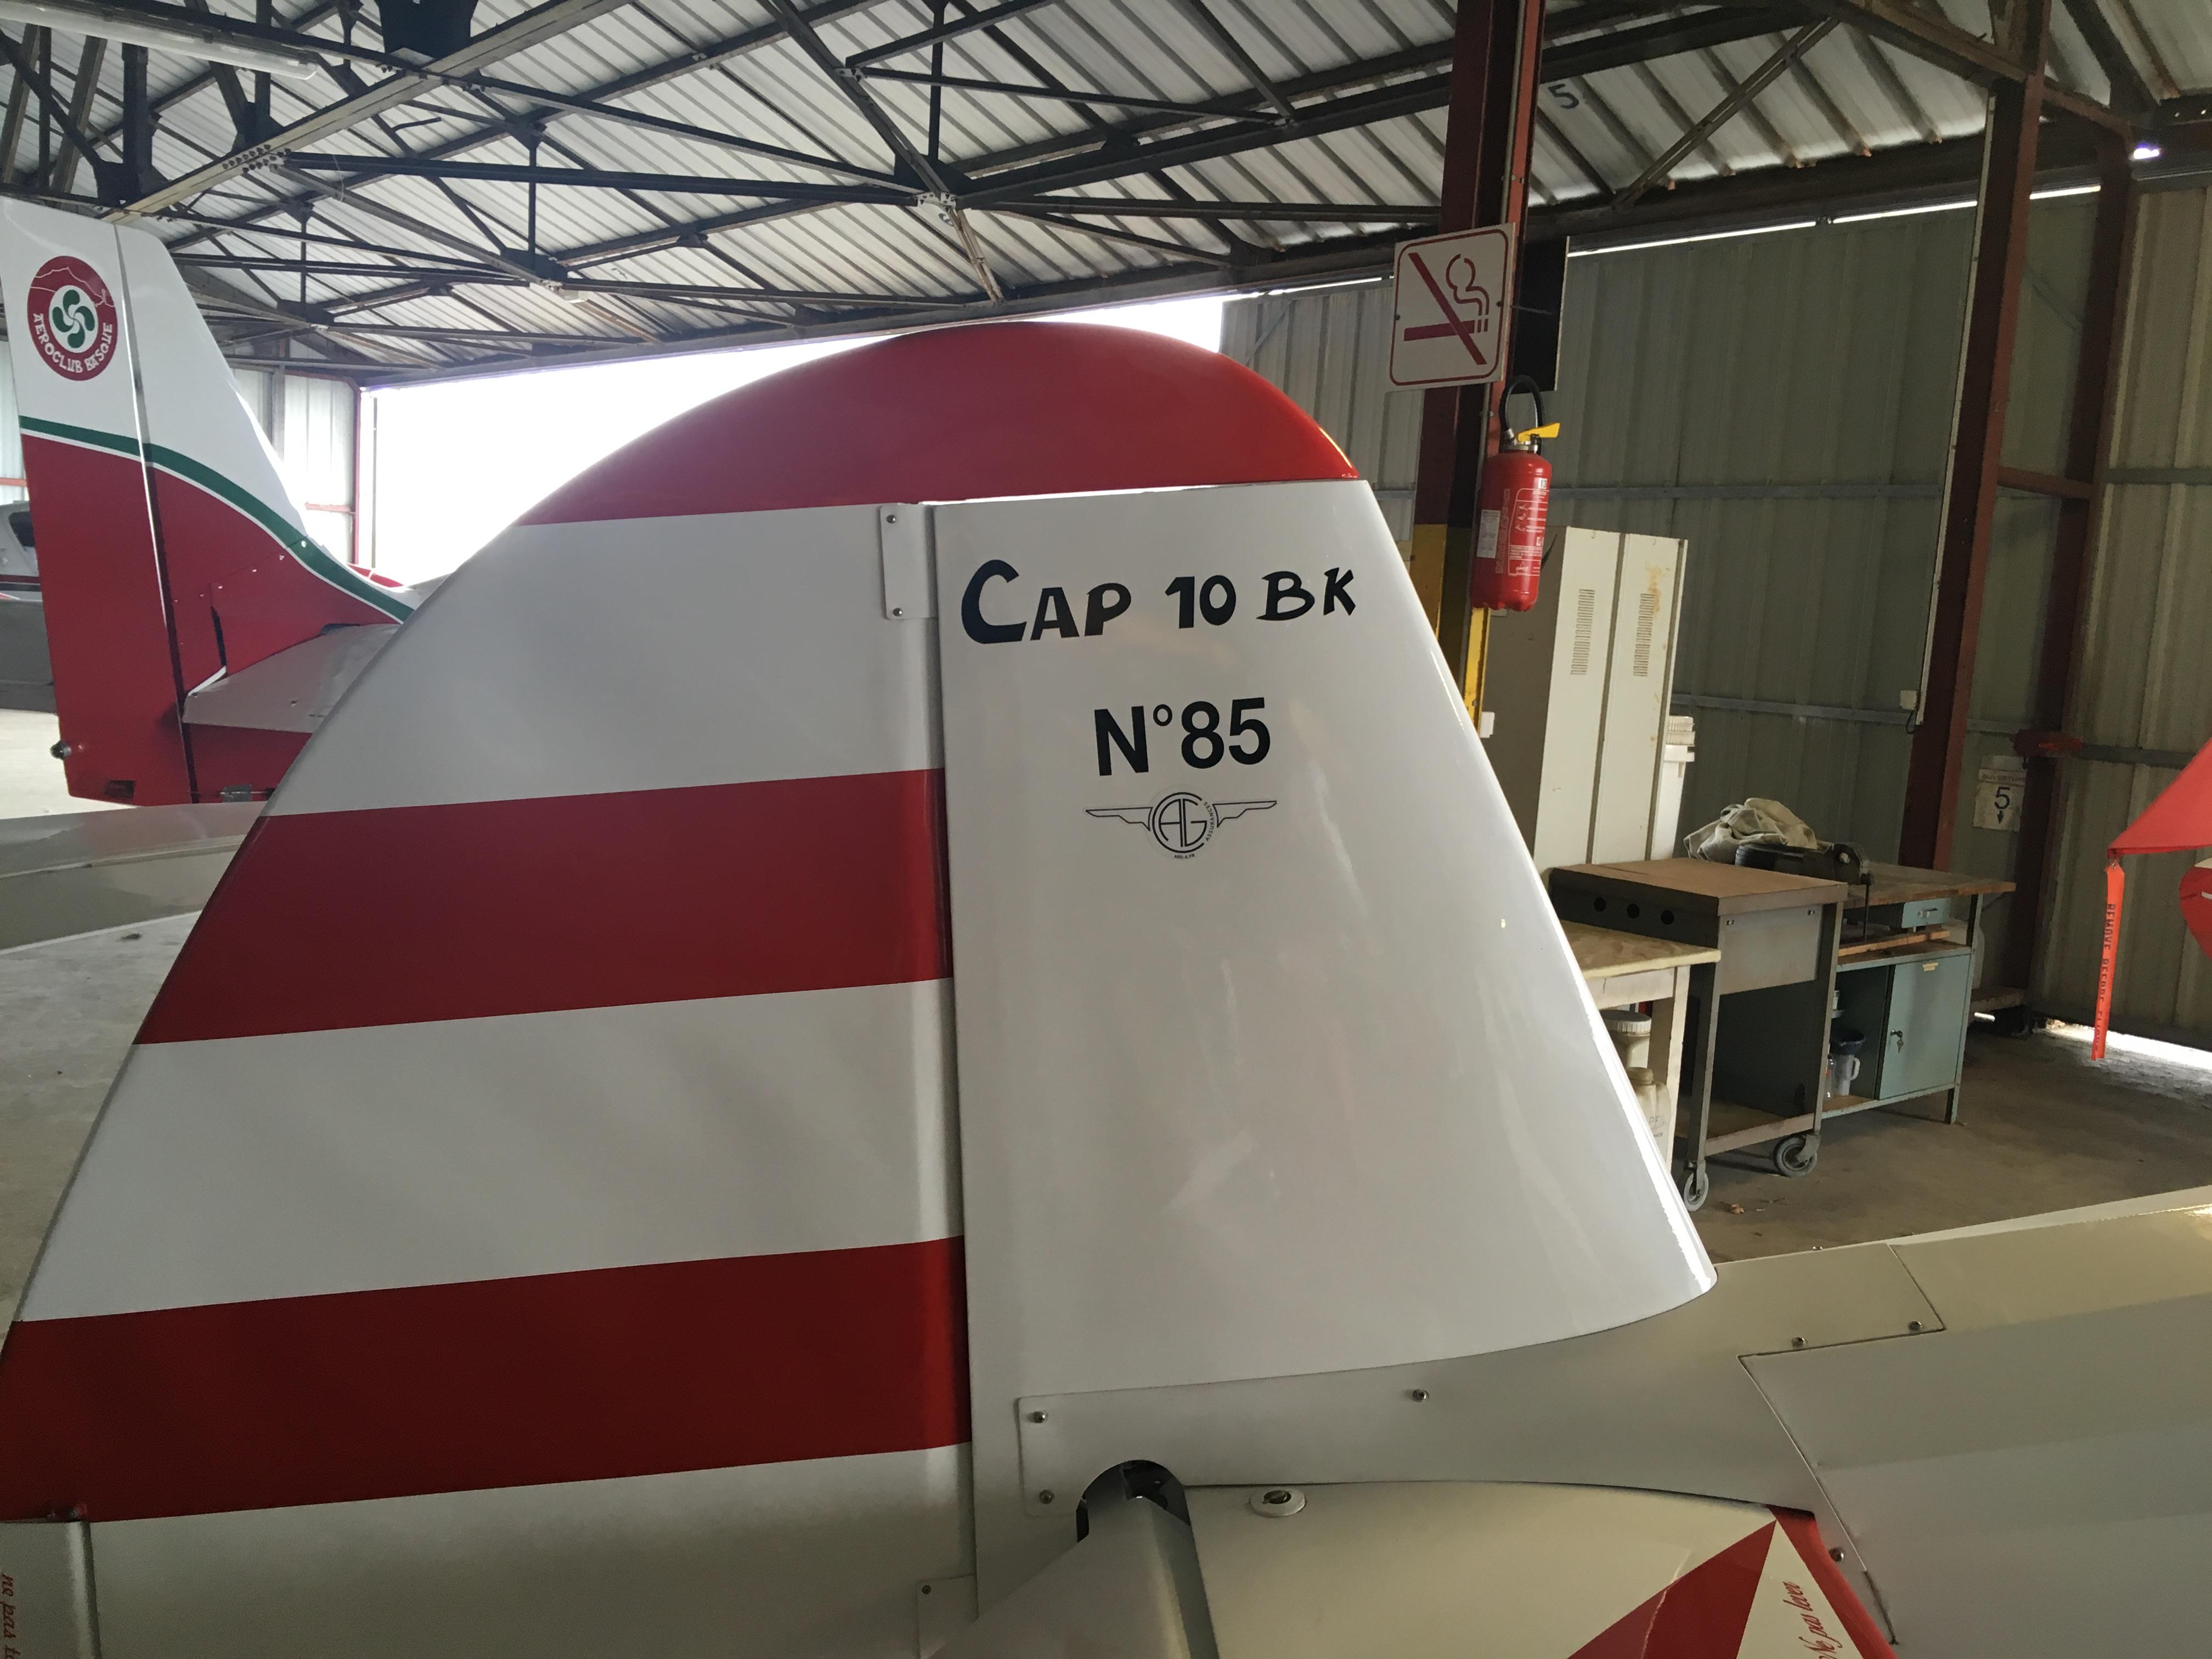 Cap10bk